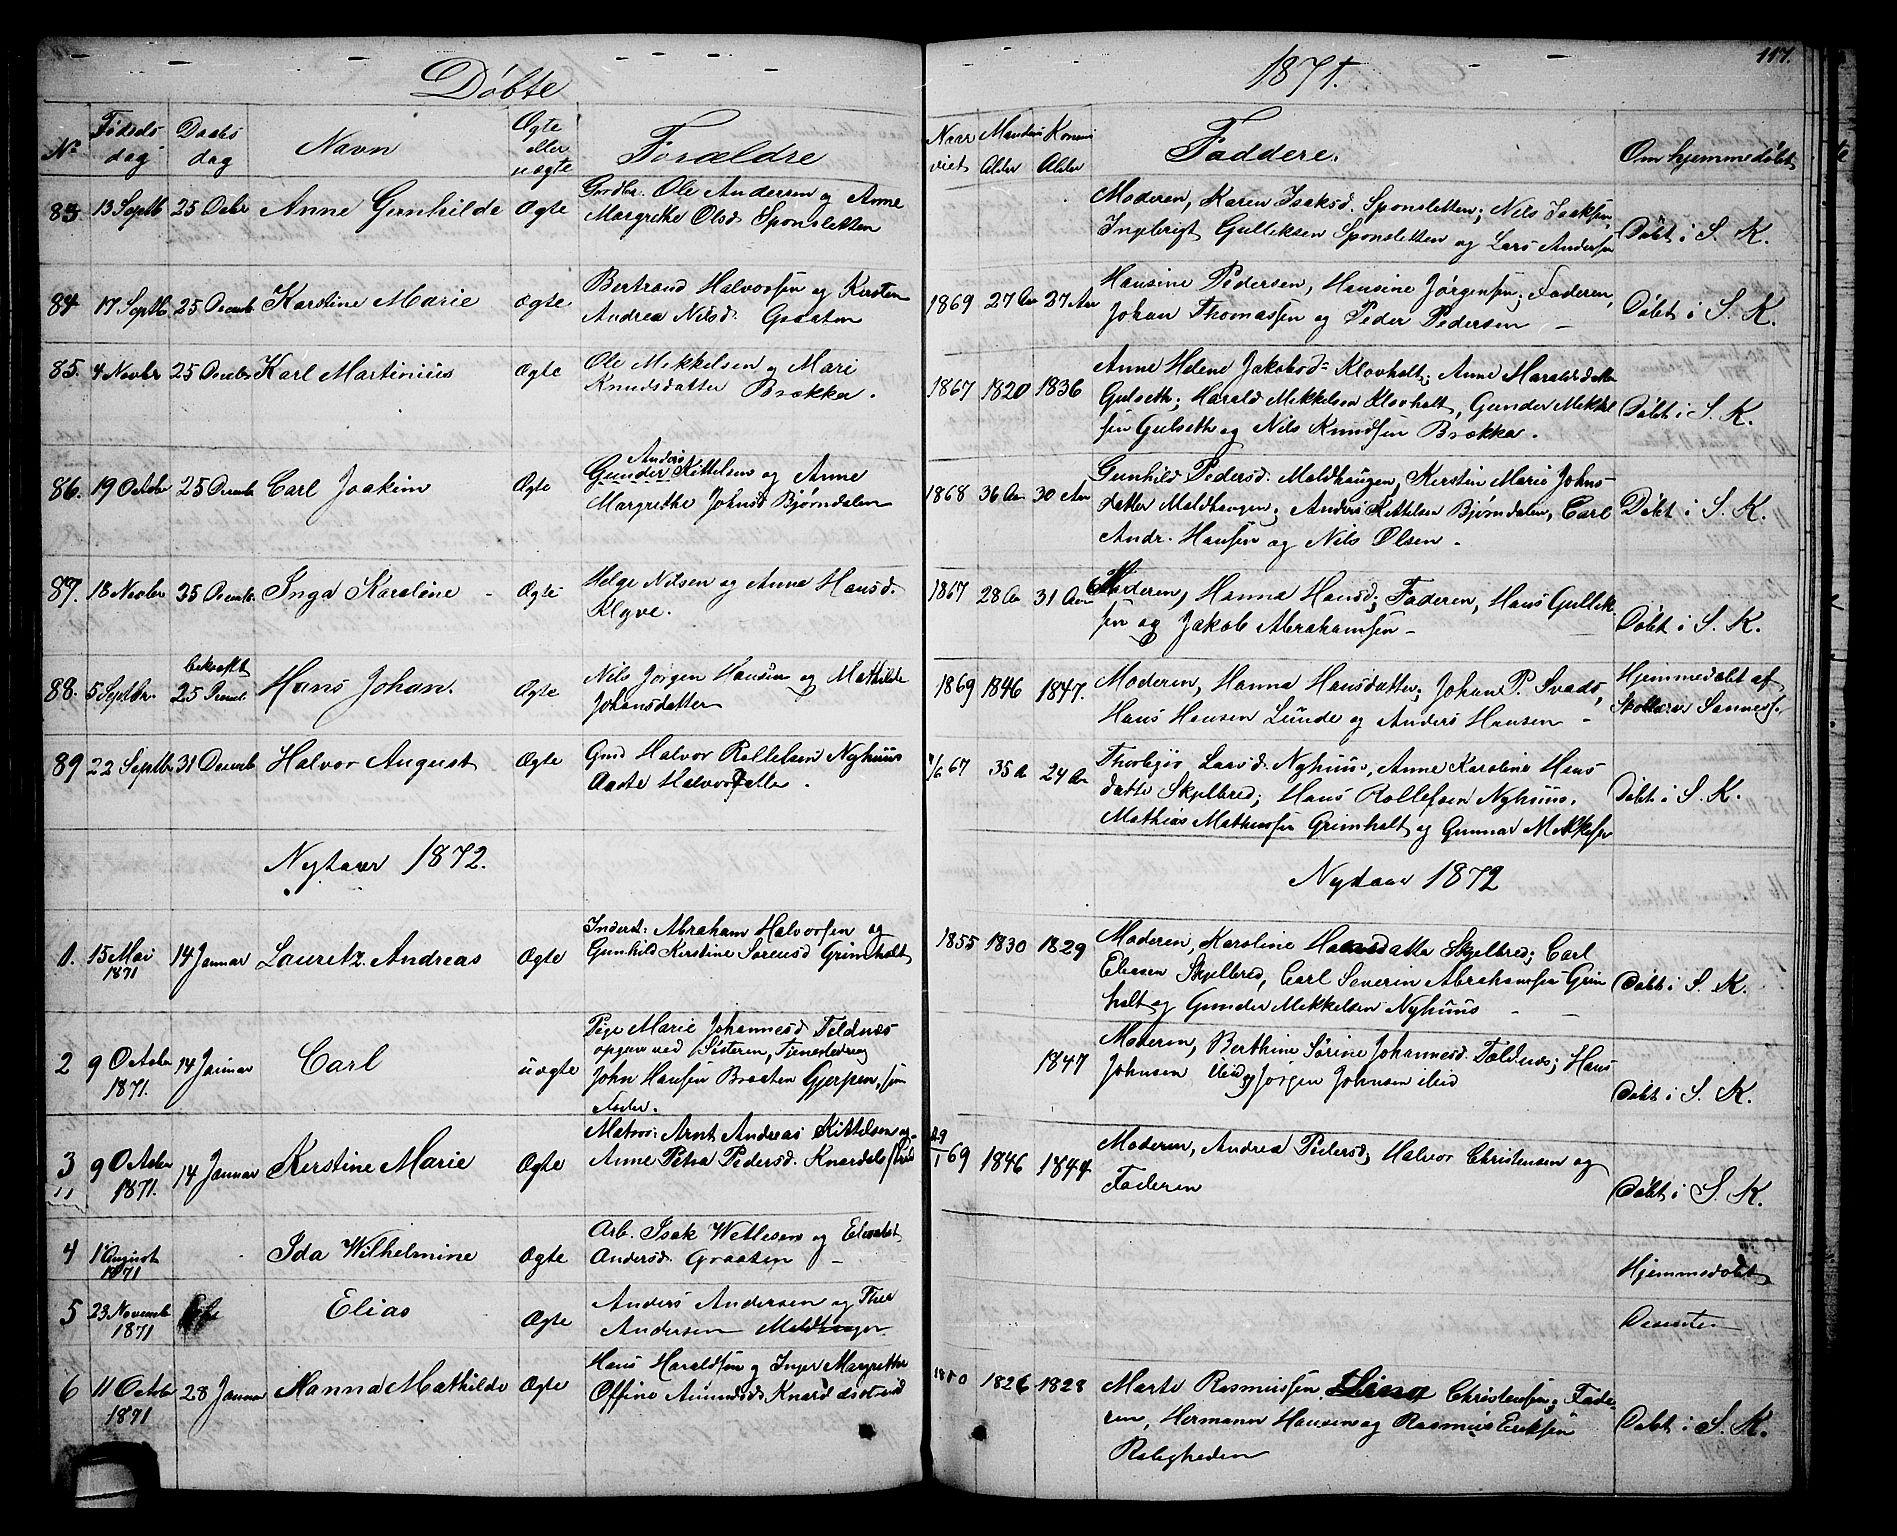 SAKO, Solum kirkebøker, G/Ga/L0004: Klokkerbok nr. I 4, 1859-1876, s. 117